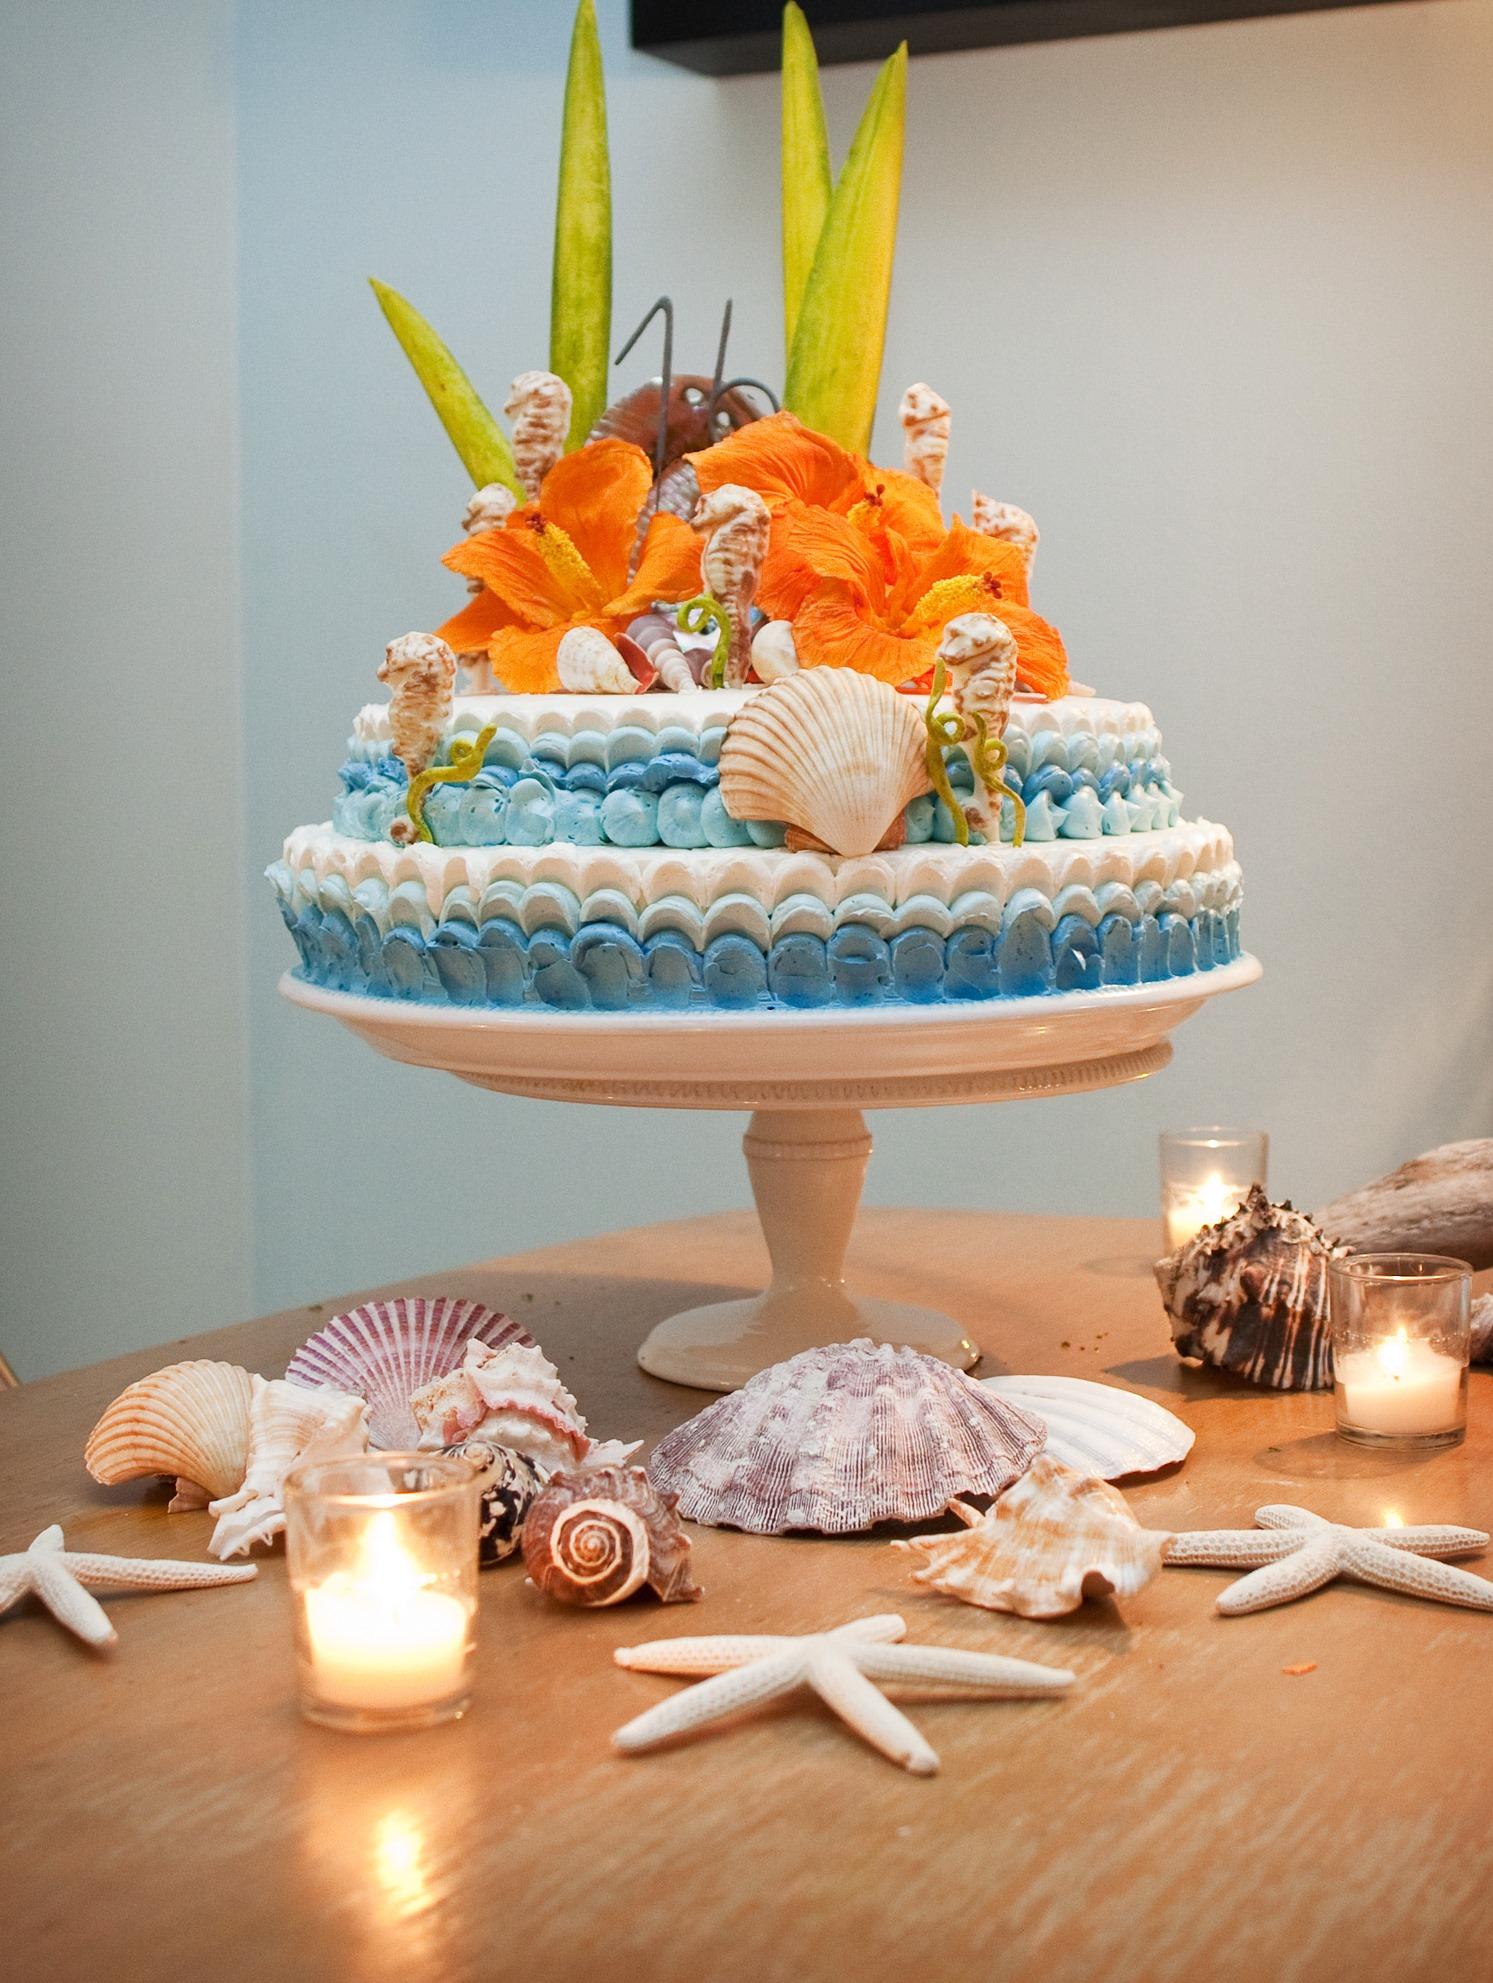 Bakers+cottage+sweet+16+by+Jen+1